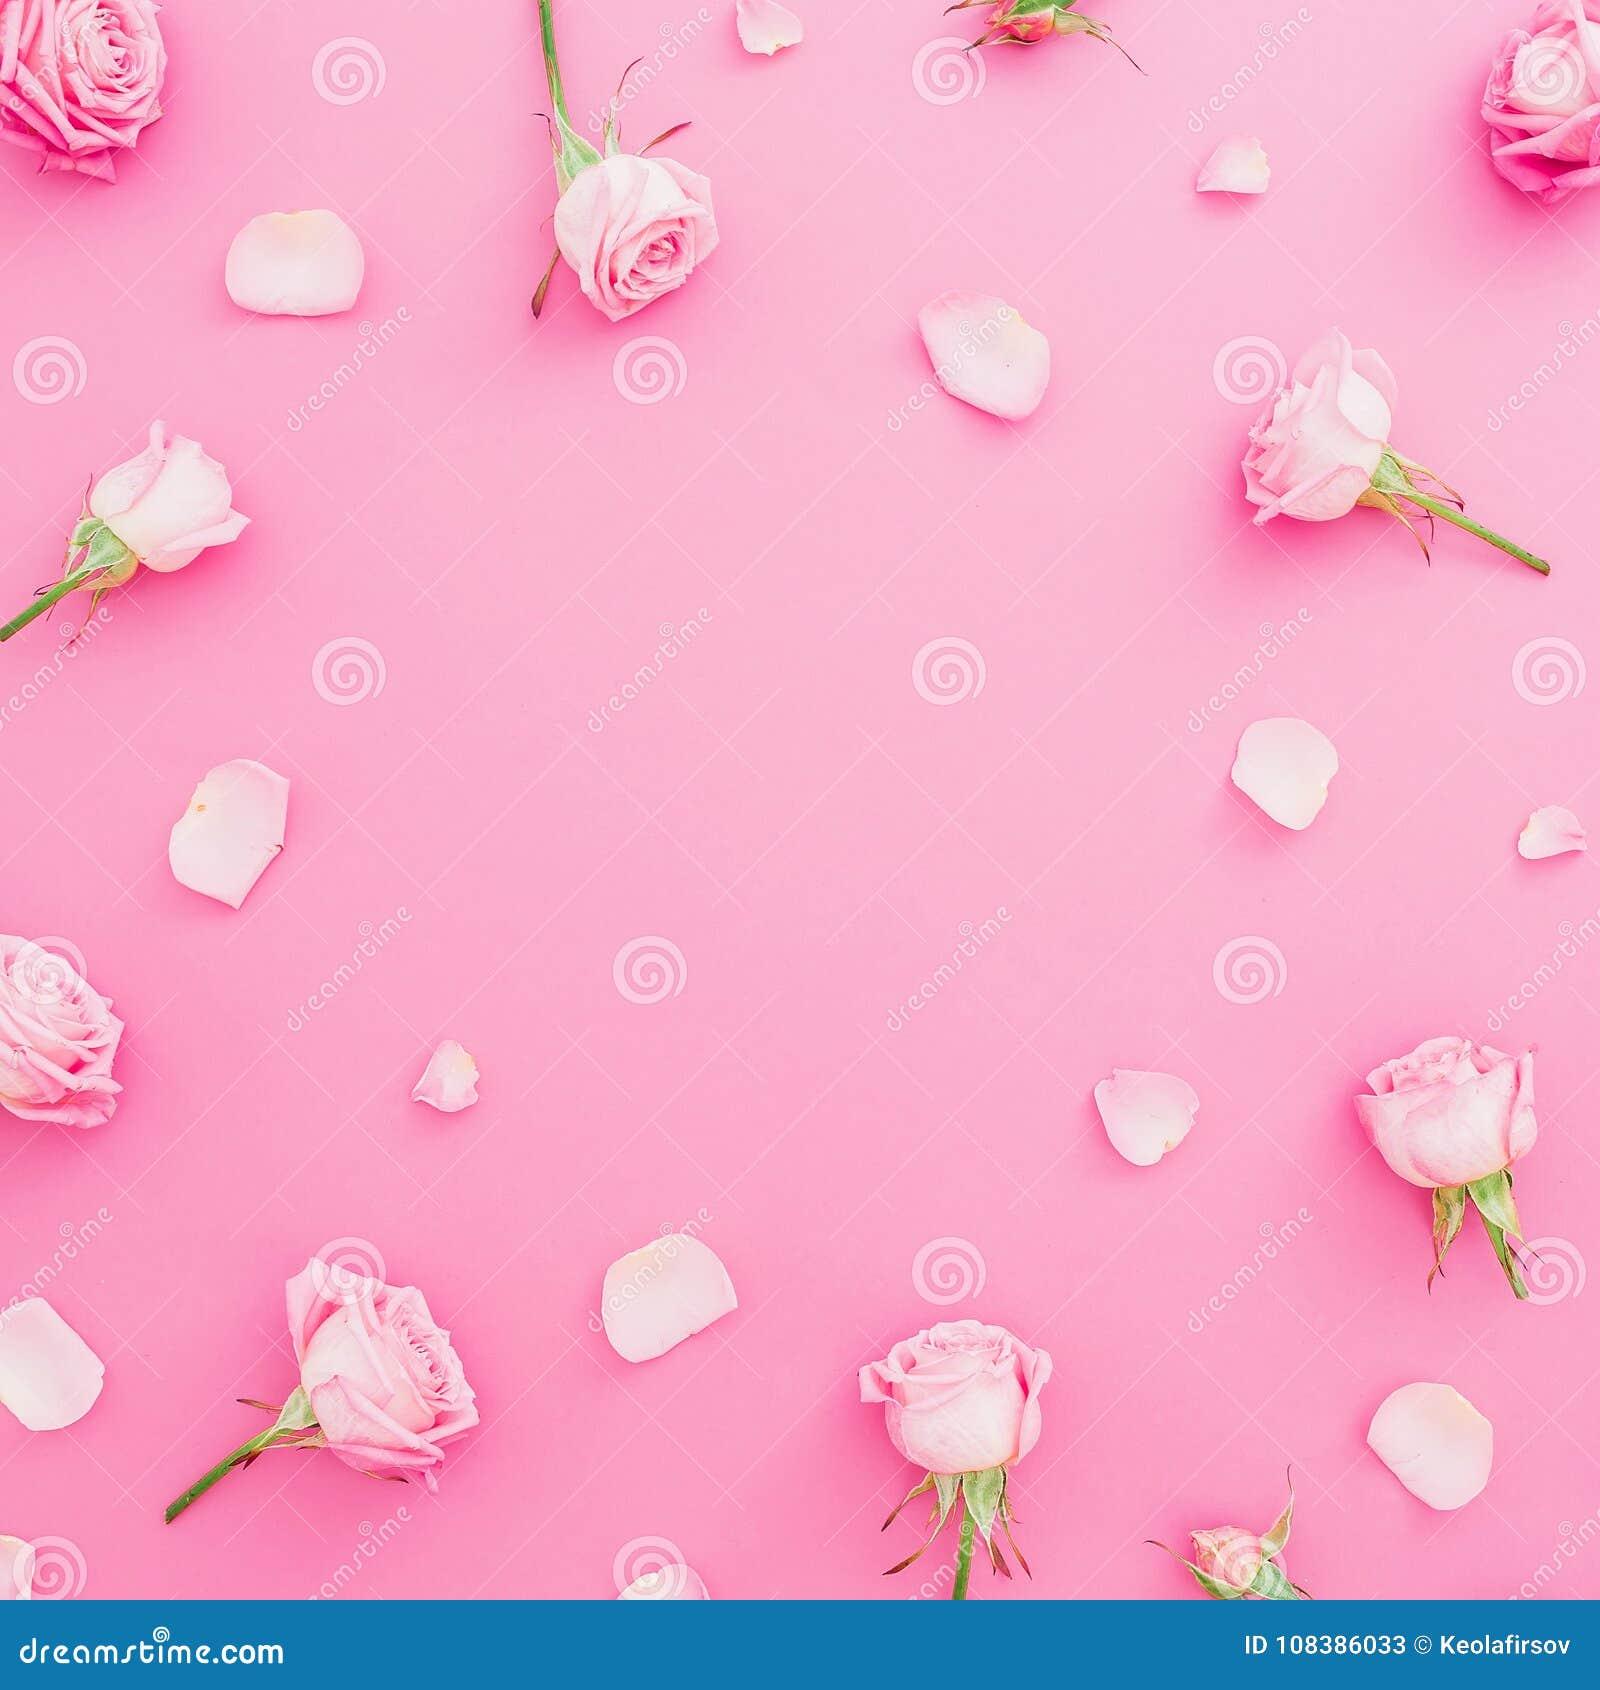 Cadre rond floral avec des fleurs et des pétales de roses sur le fond de rose en pastel Configuration plate, vue supérieure Fond